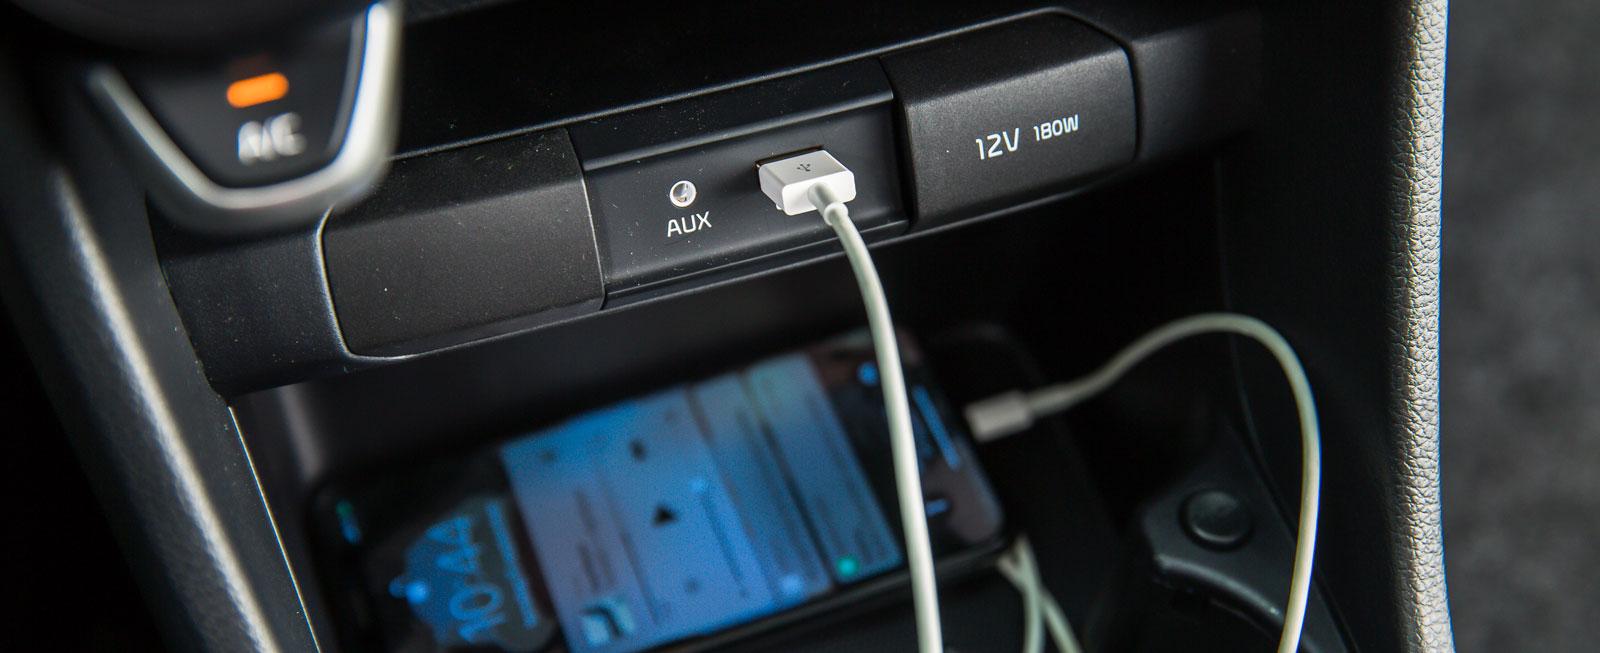 Uttagen för USB/AUX är belysta. Därmed slipper man treva efter dem i mörker.